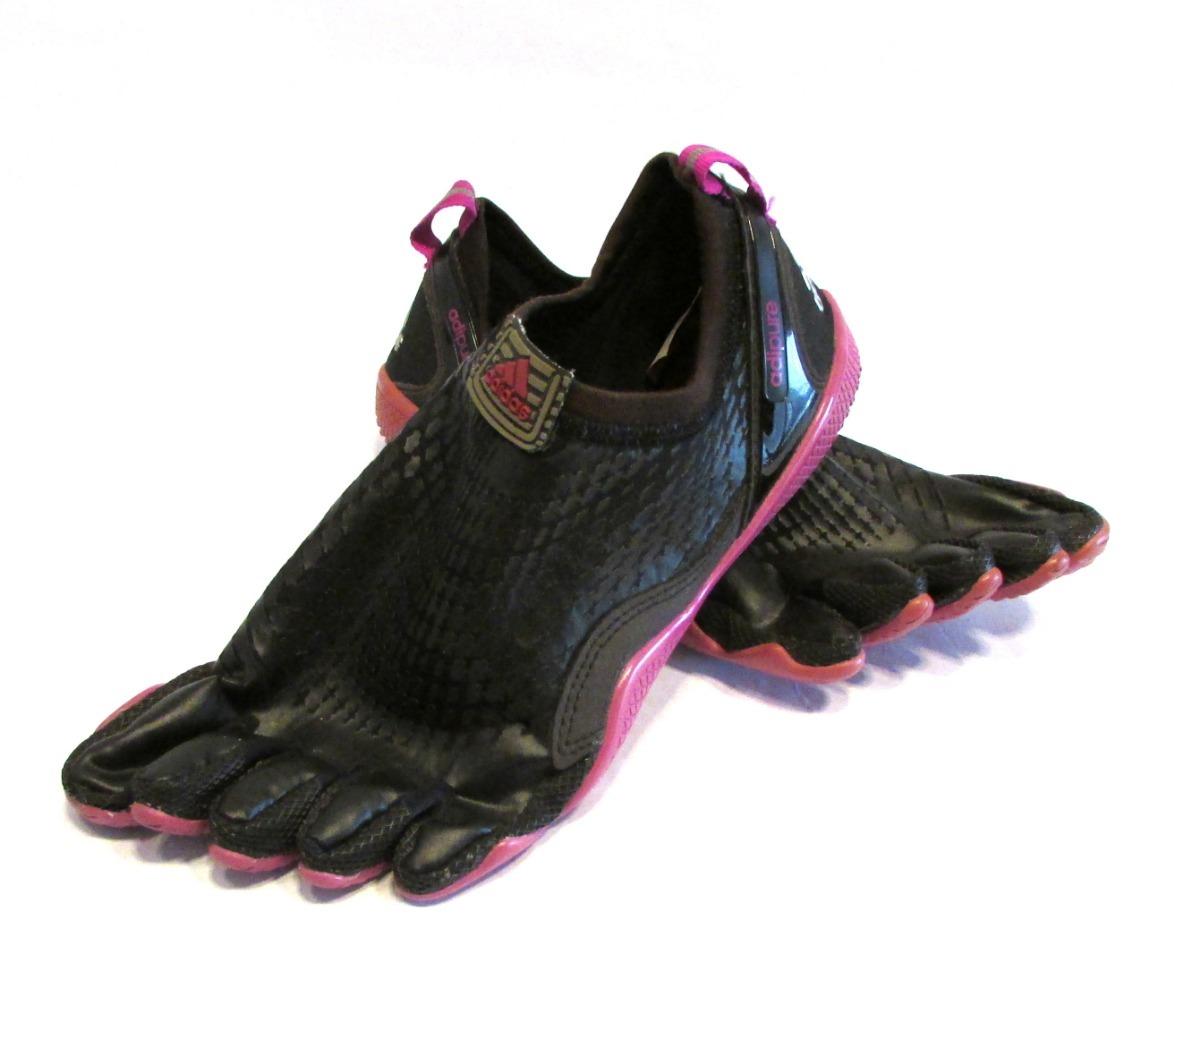 Marca 40 Dedos 000 Adipure 10 En Adidas Mercado Zapatillas Nro xfIdwxq